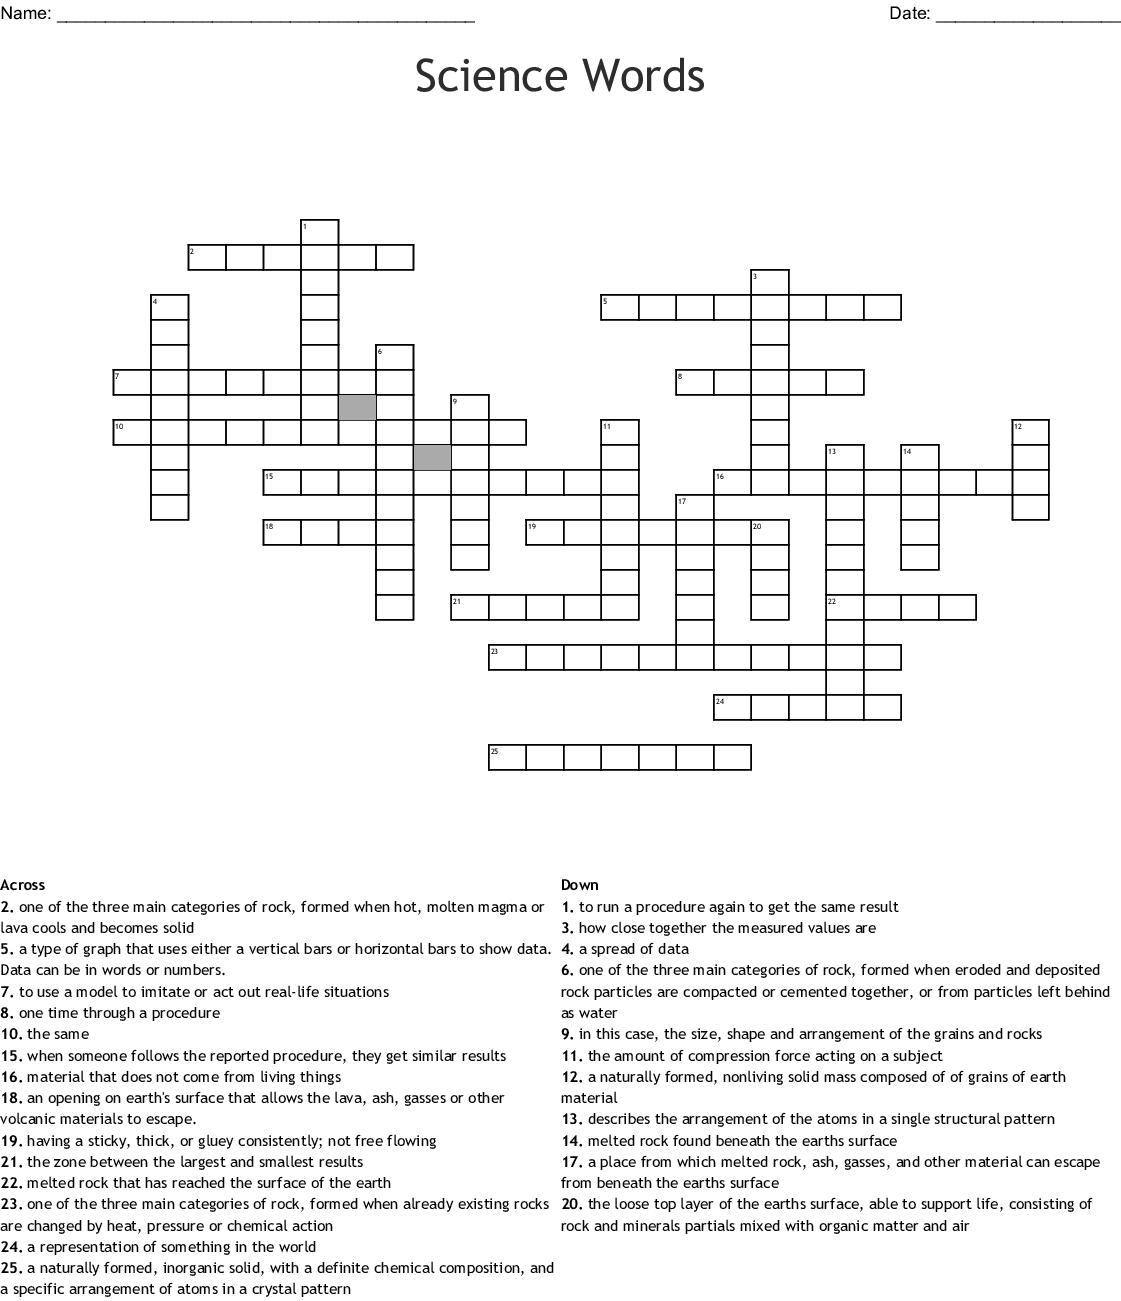 Volcano Vocabulary Crossword - WordMint